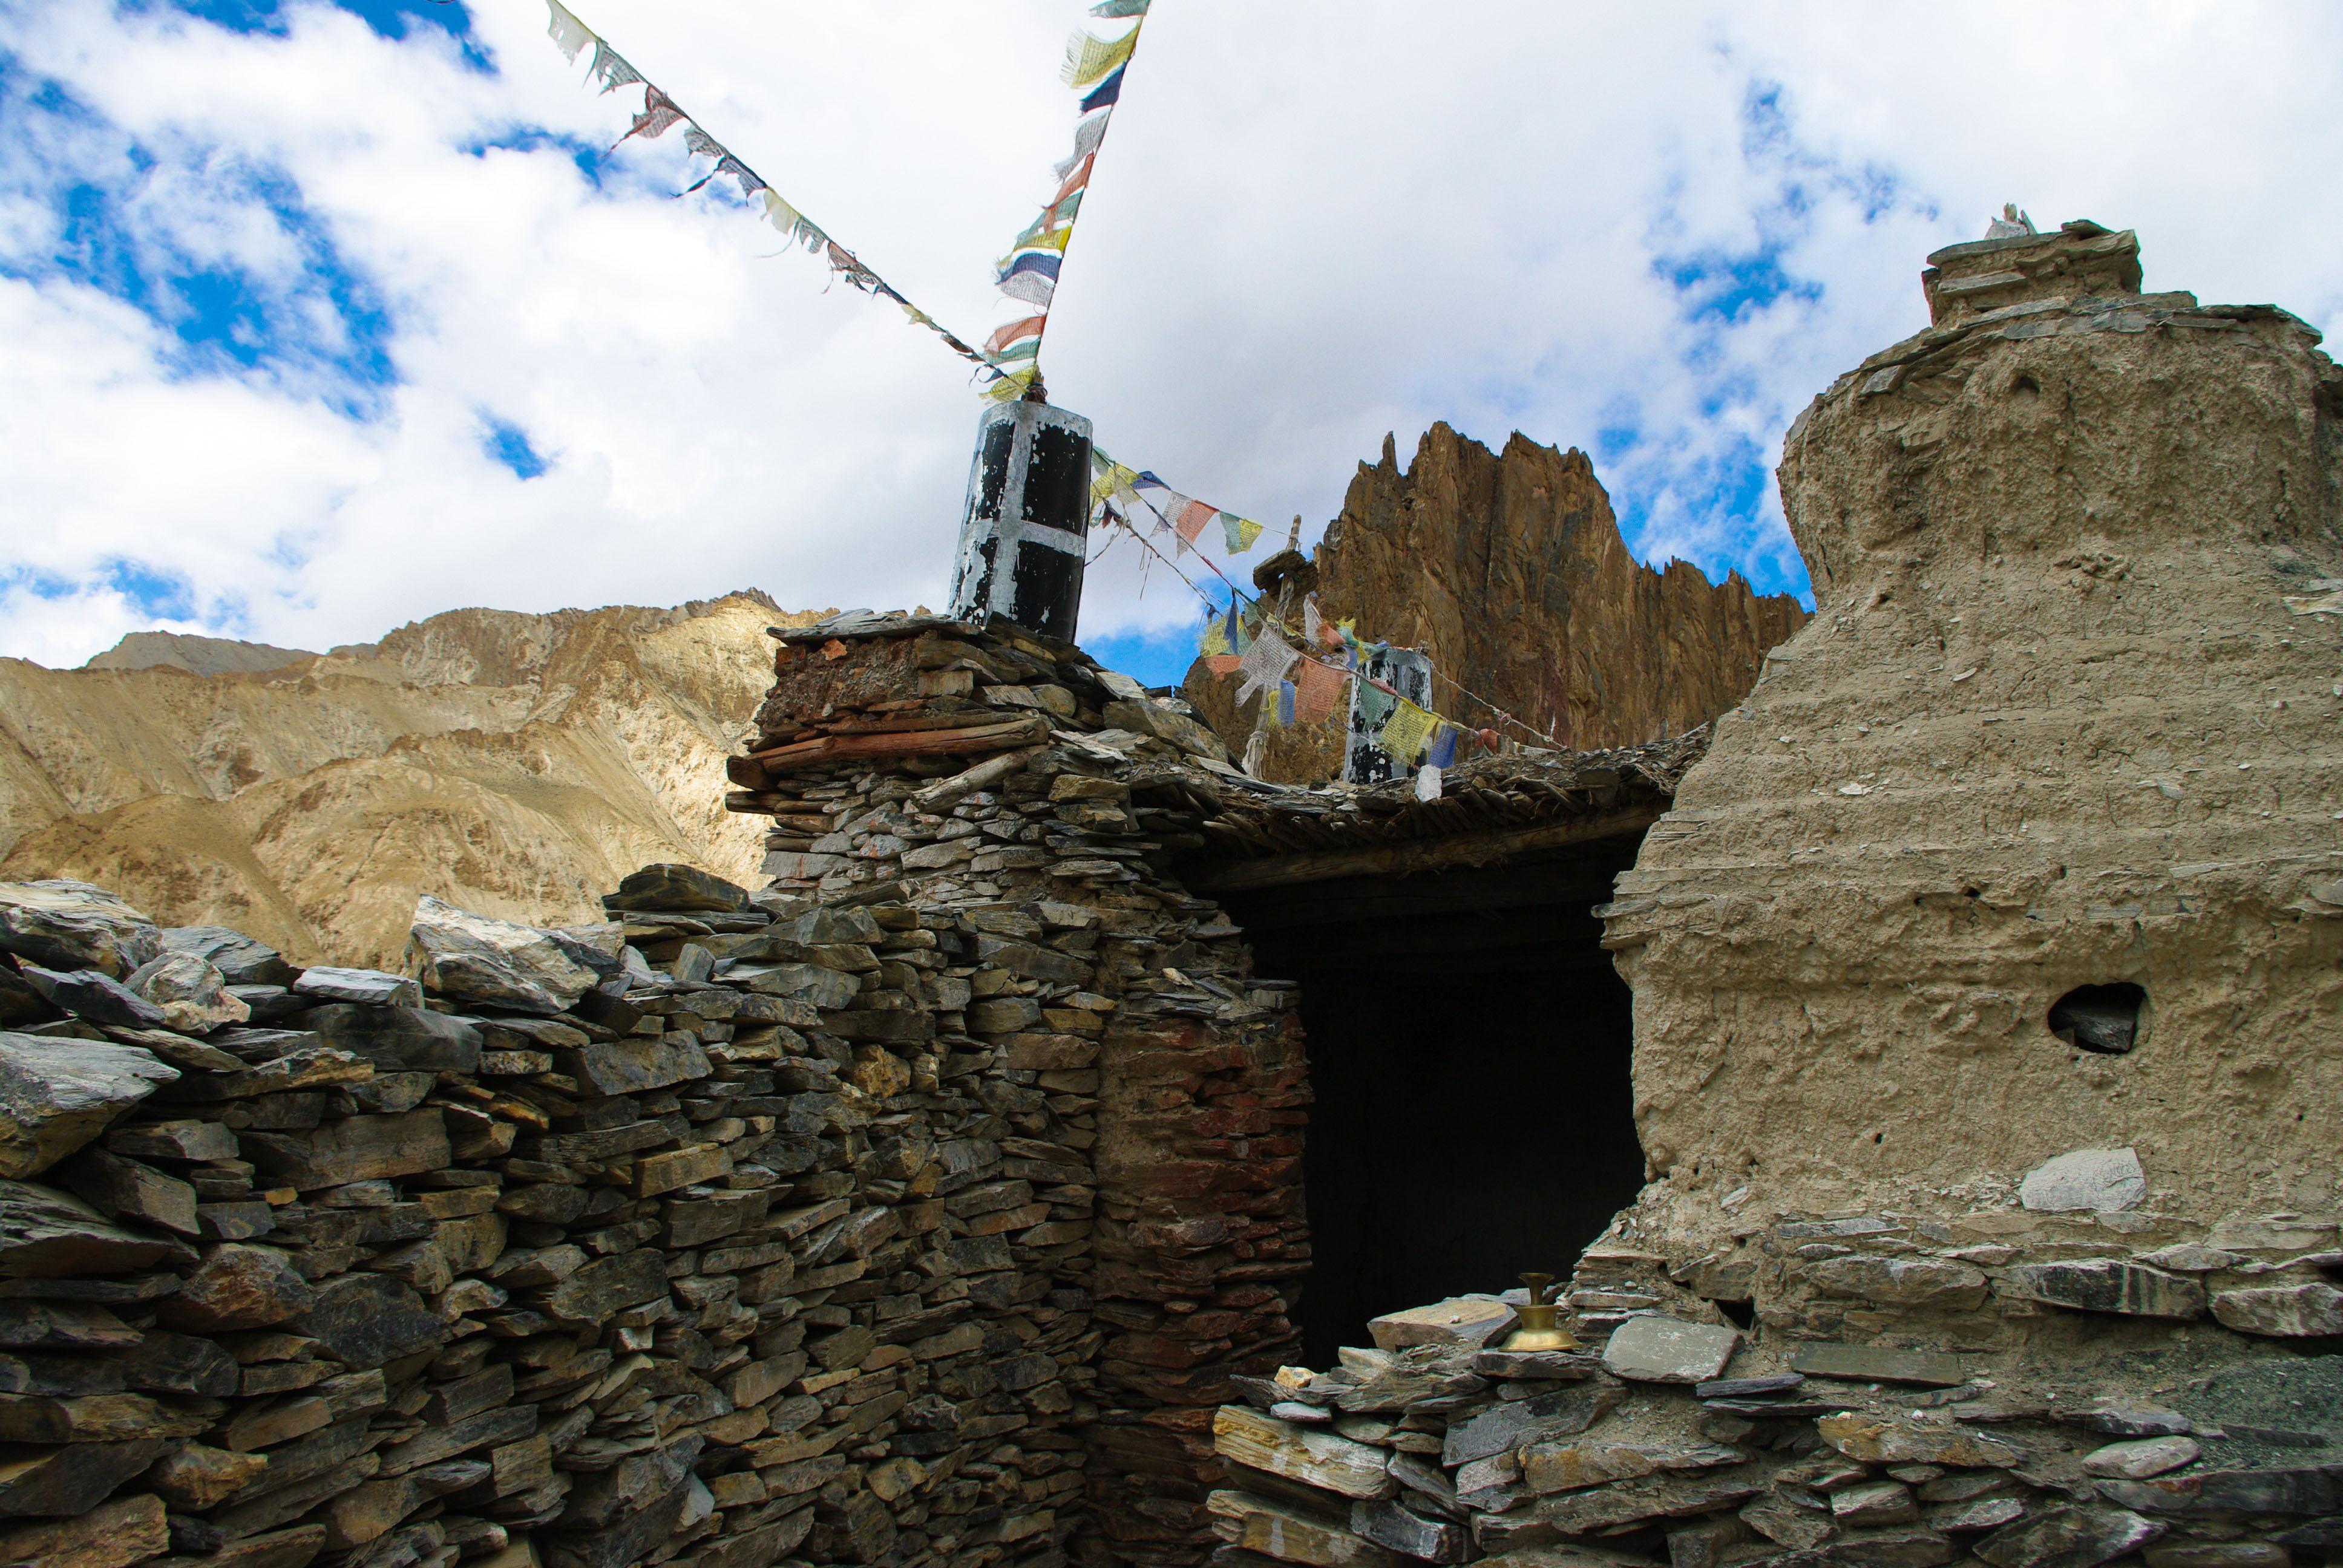 Молитвенные флажки около монастыря в Гималаях